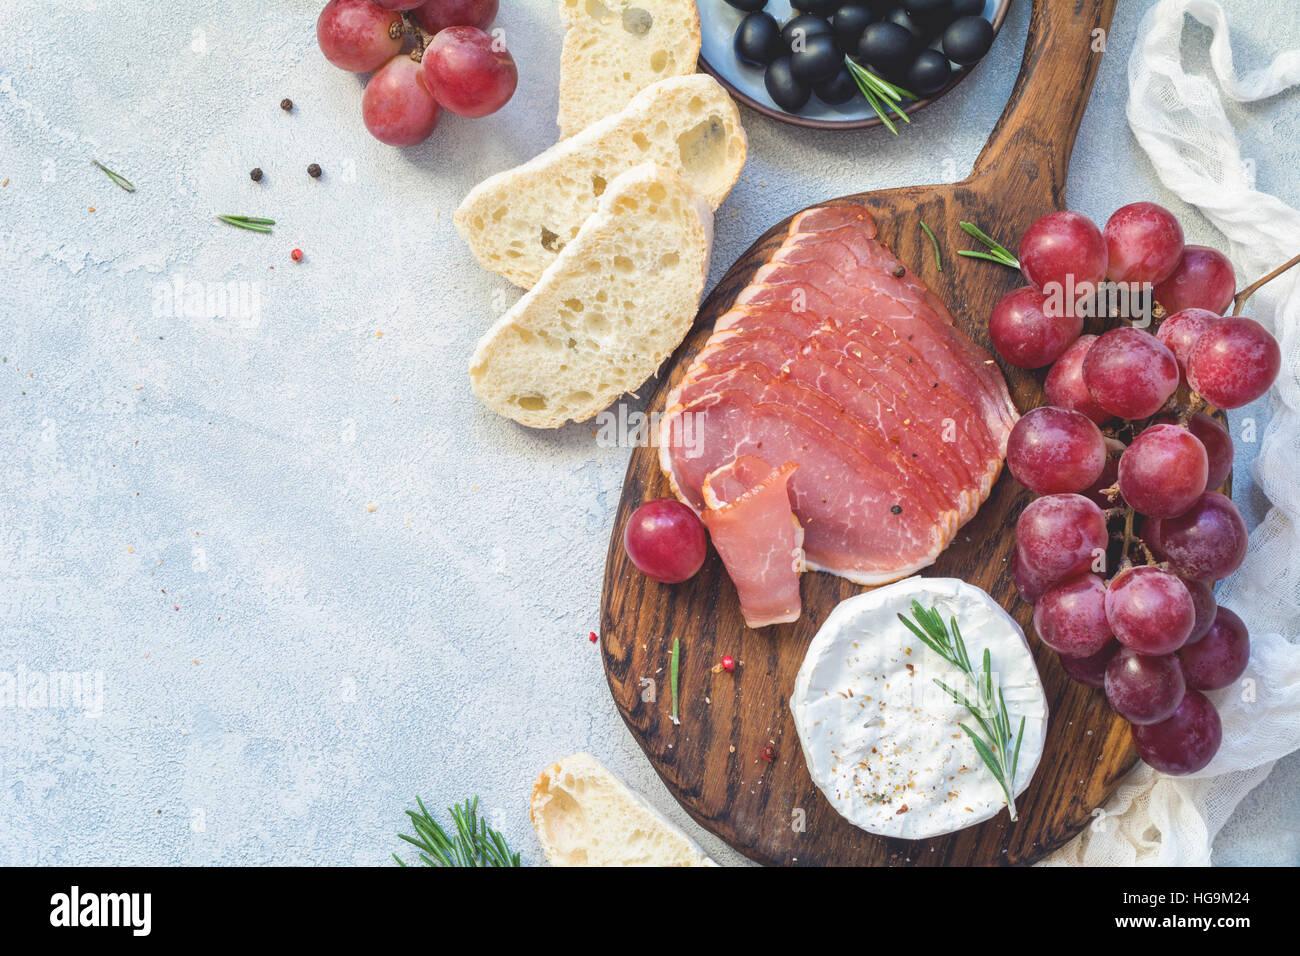 Vorspeise-Teller mit frischem Baguette, Wurst, Trauben, Käse und Oliven. Antipasti oder Tapas-Konzept. Ansicht Stockbild